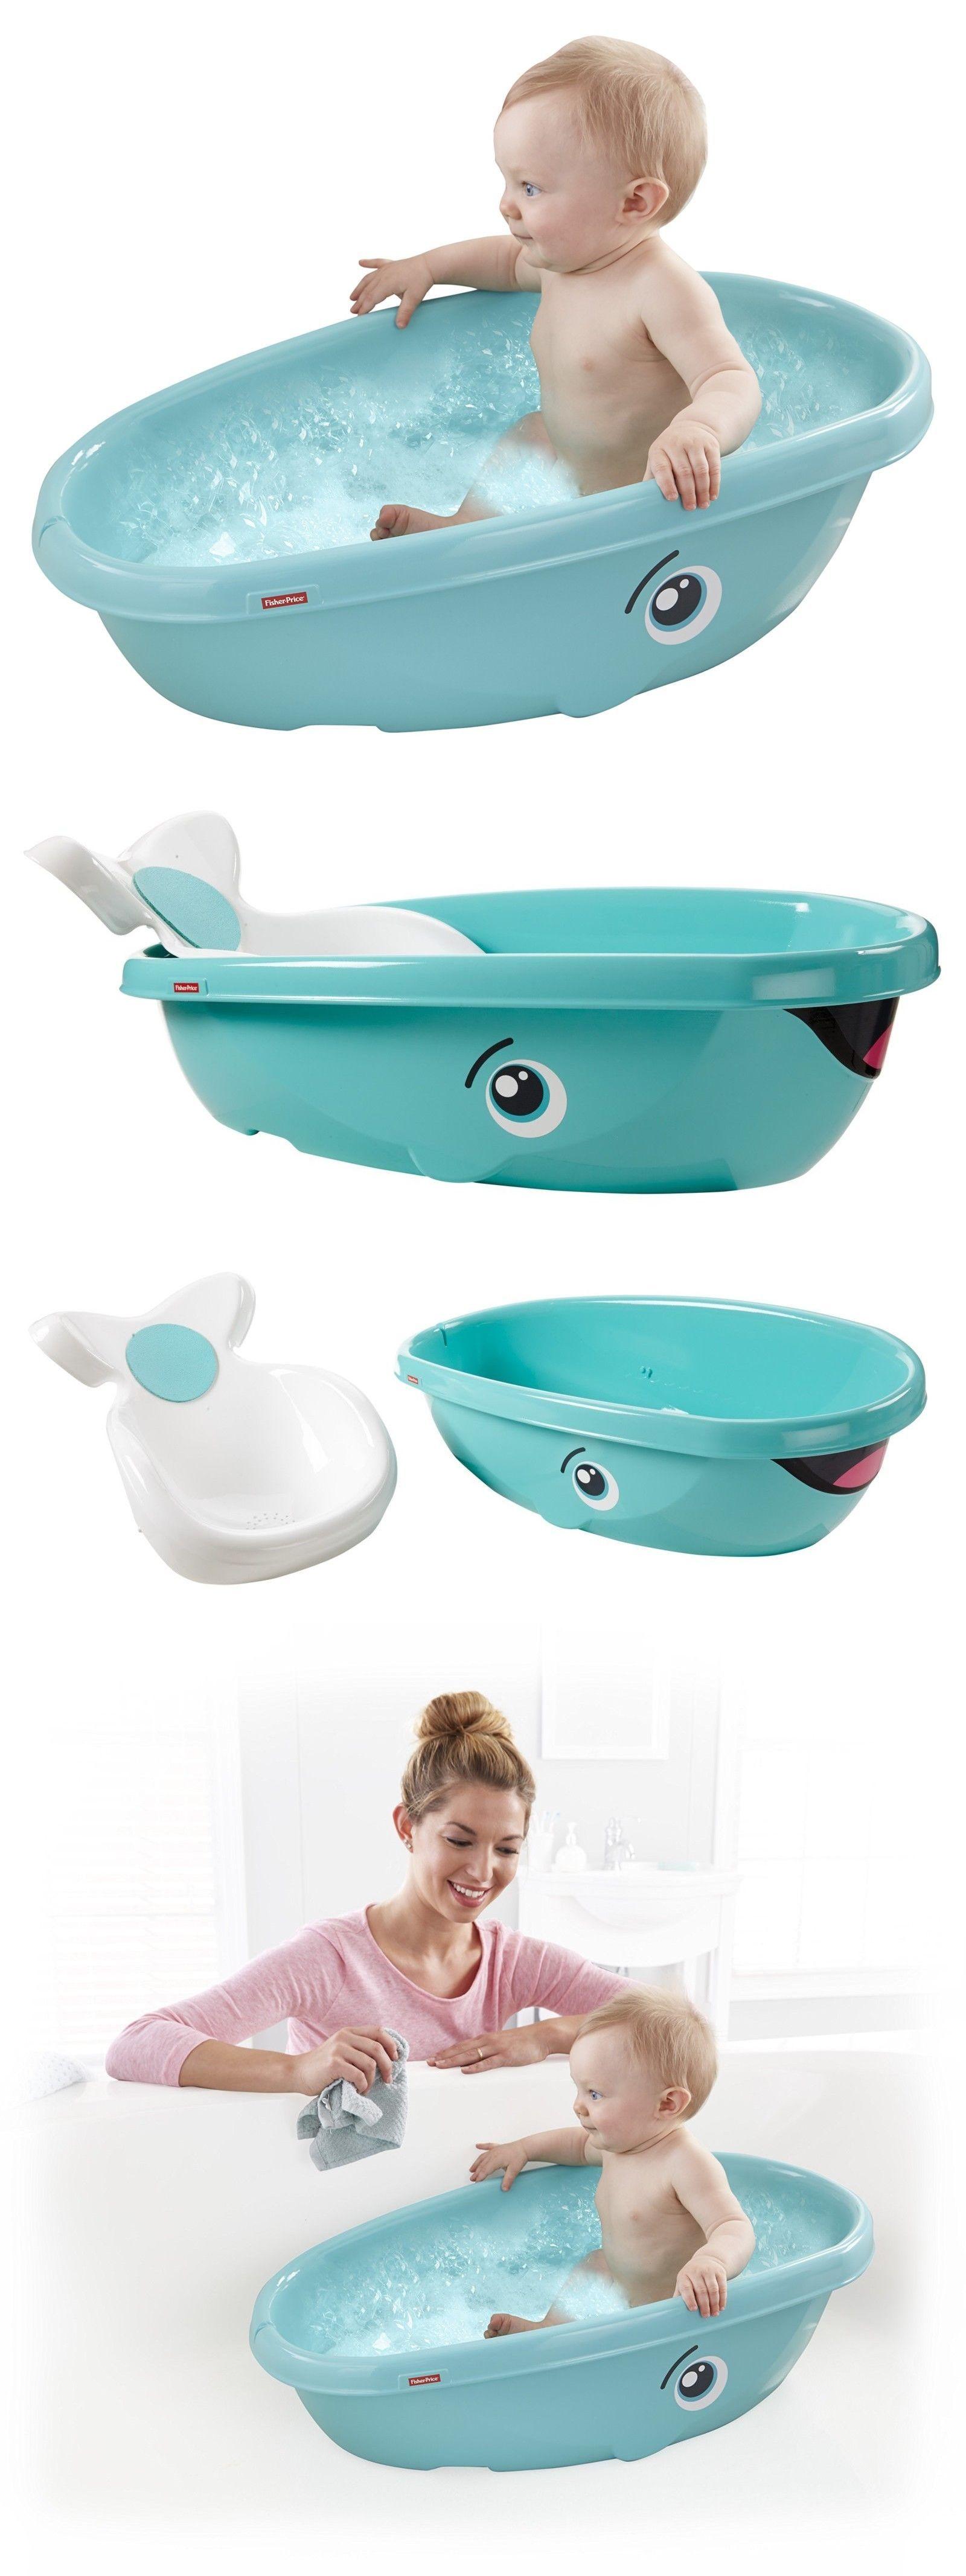 Bath Tubs 113814: Bathing Tub Seat For Infant Baby Bathtub Safe New ...